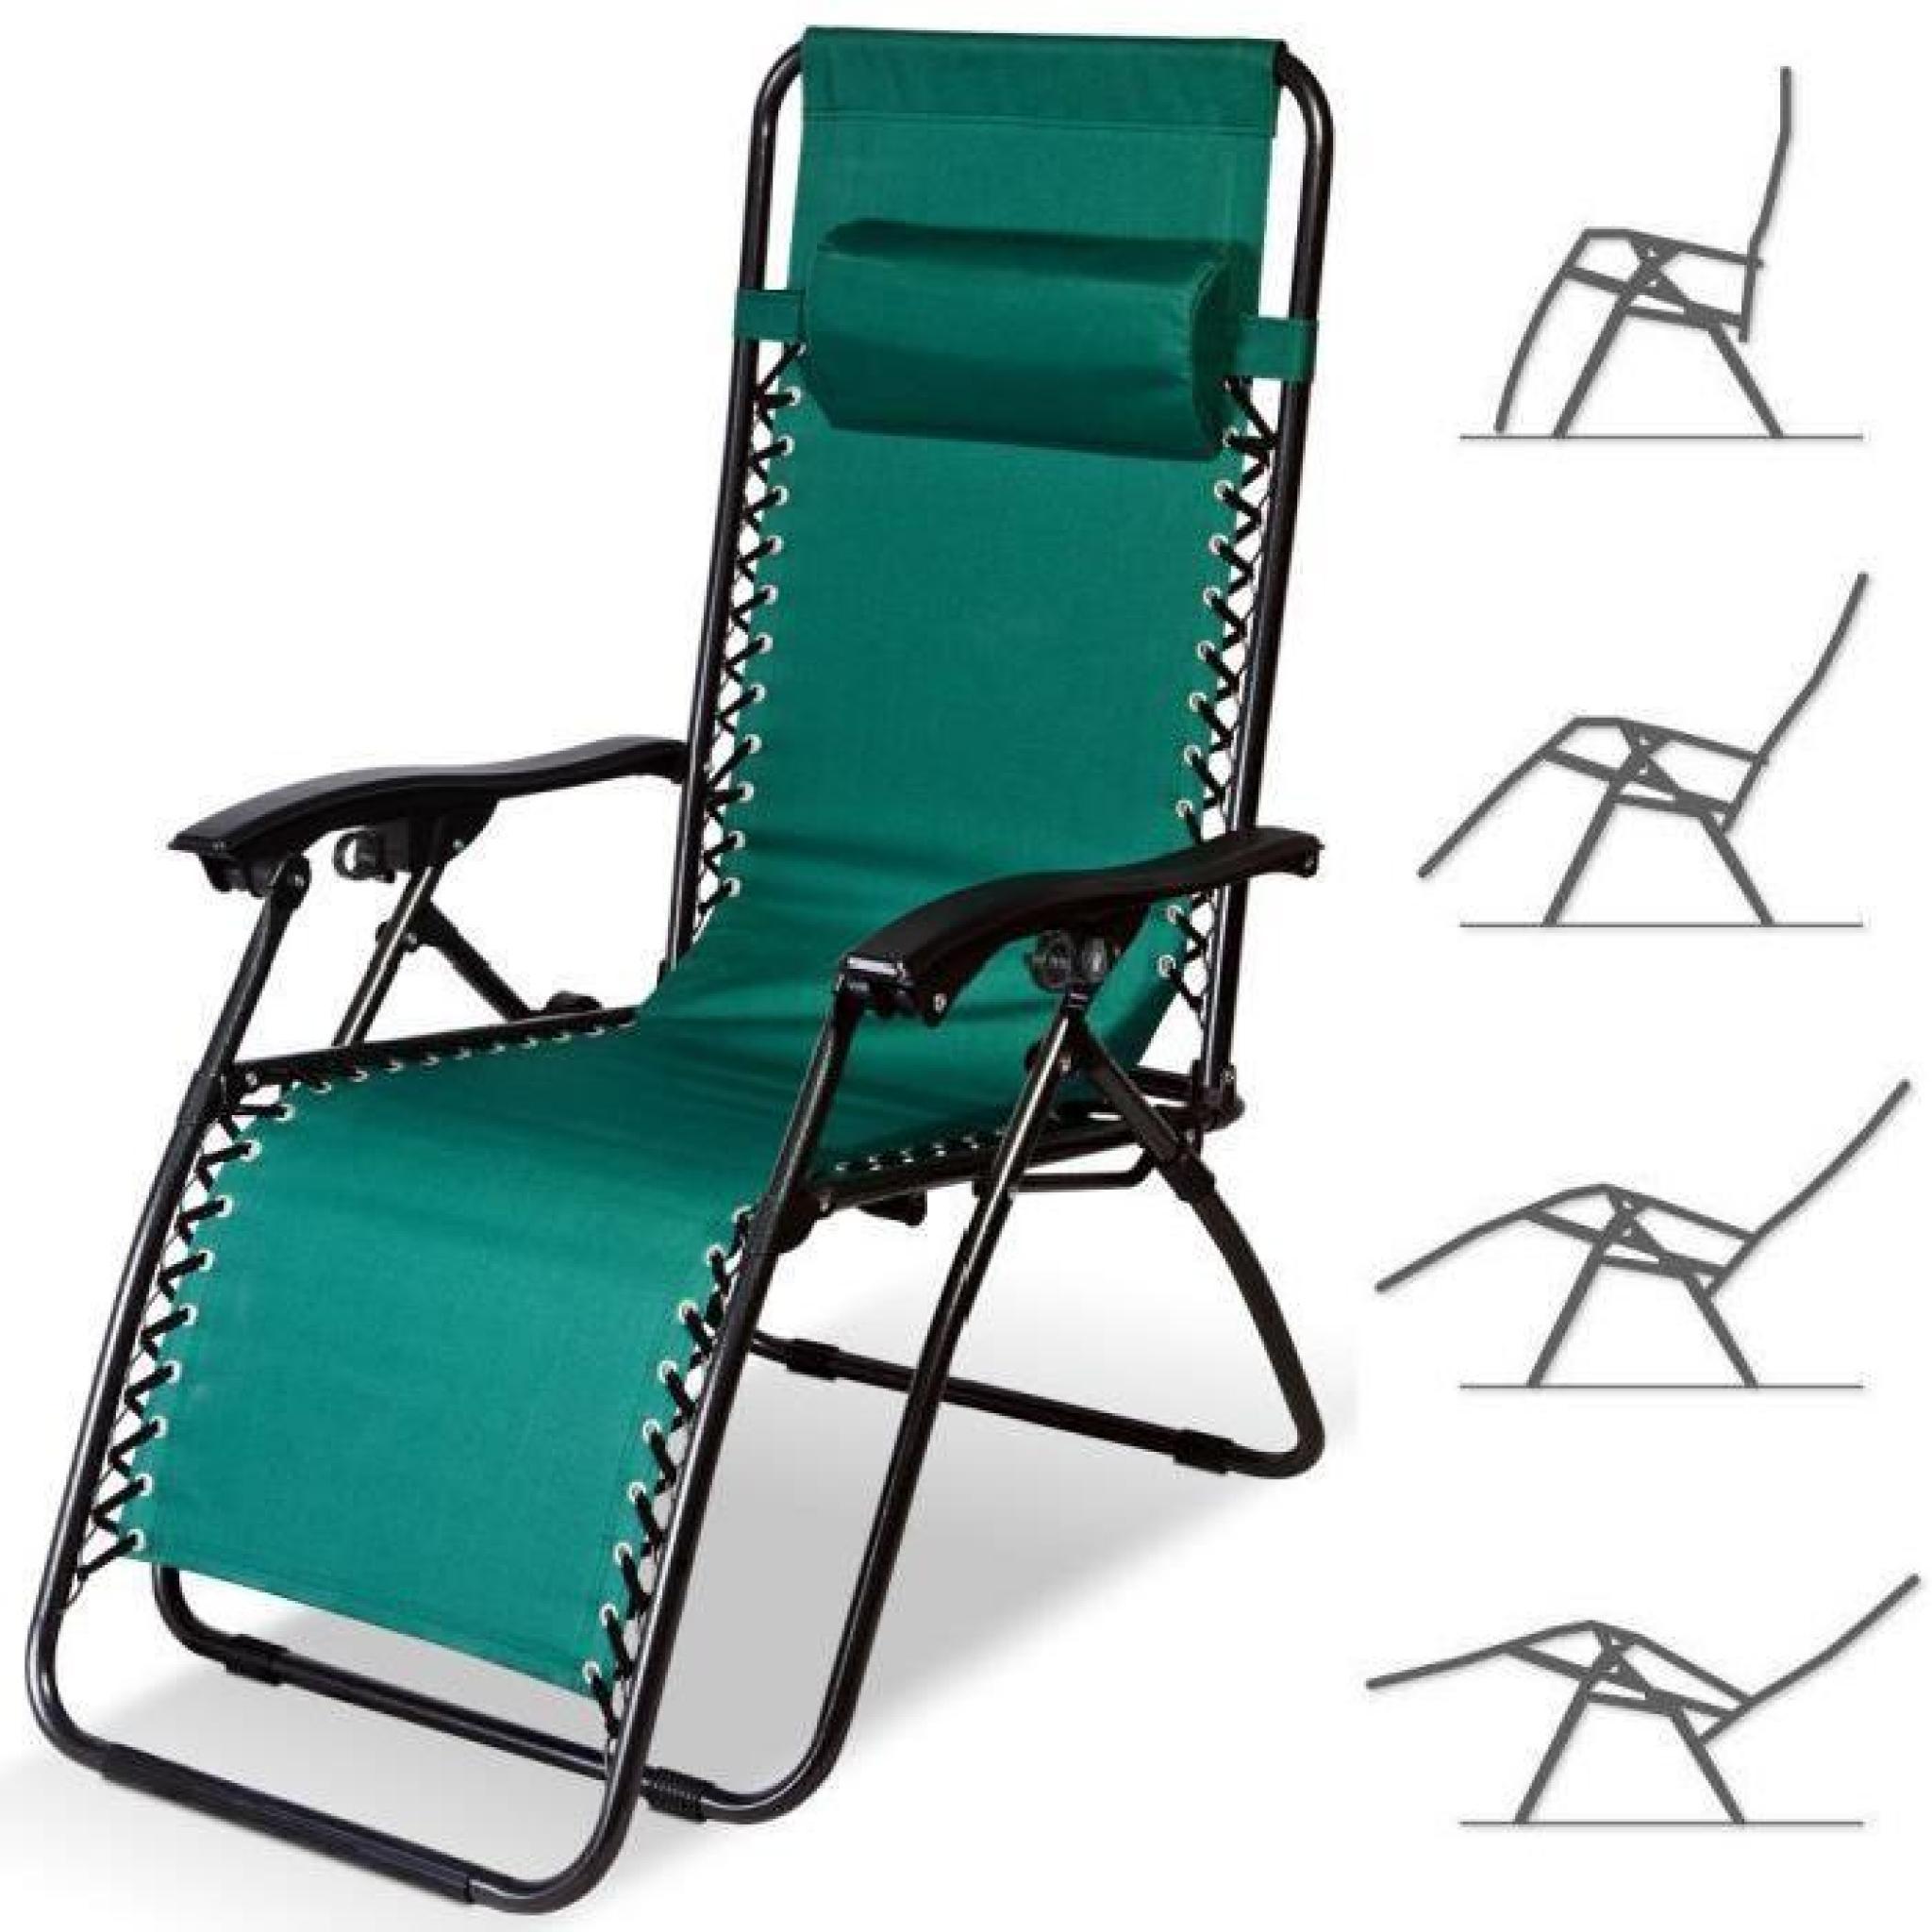 Chaise Longue De Jardin Pliable - Chaise Pliable De Camping - Transat  Terrasse encequiconcerne Chaise Longue De Jardin Pas Cher